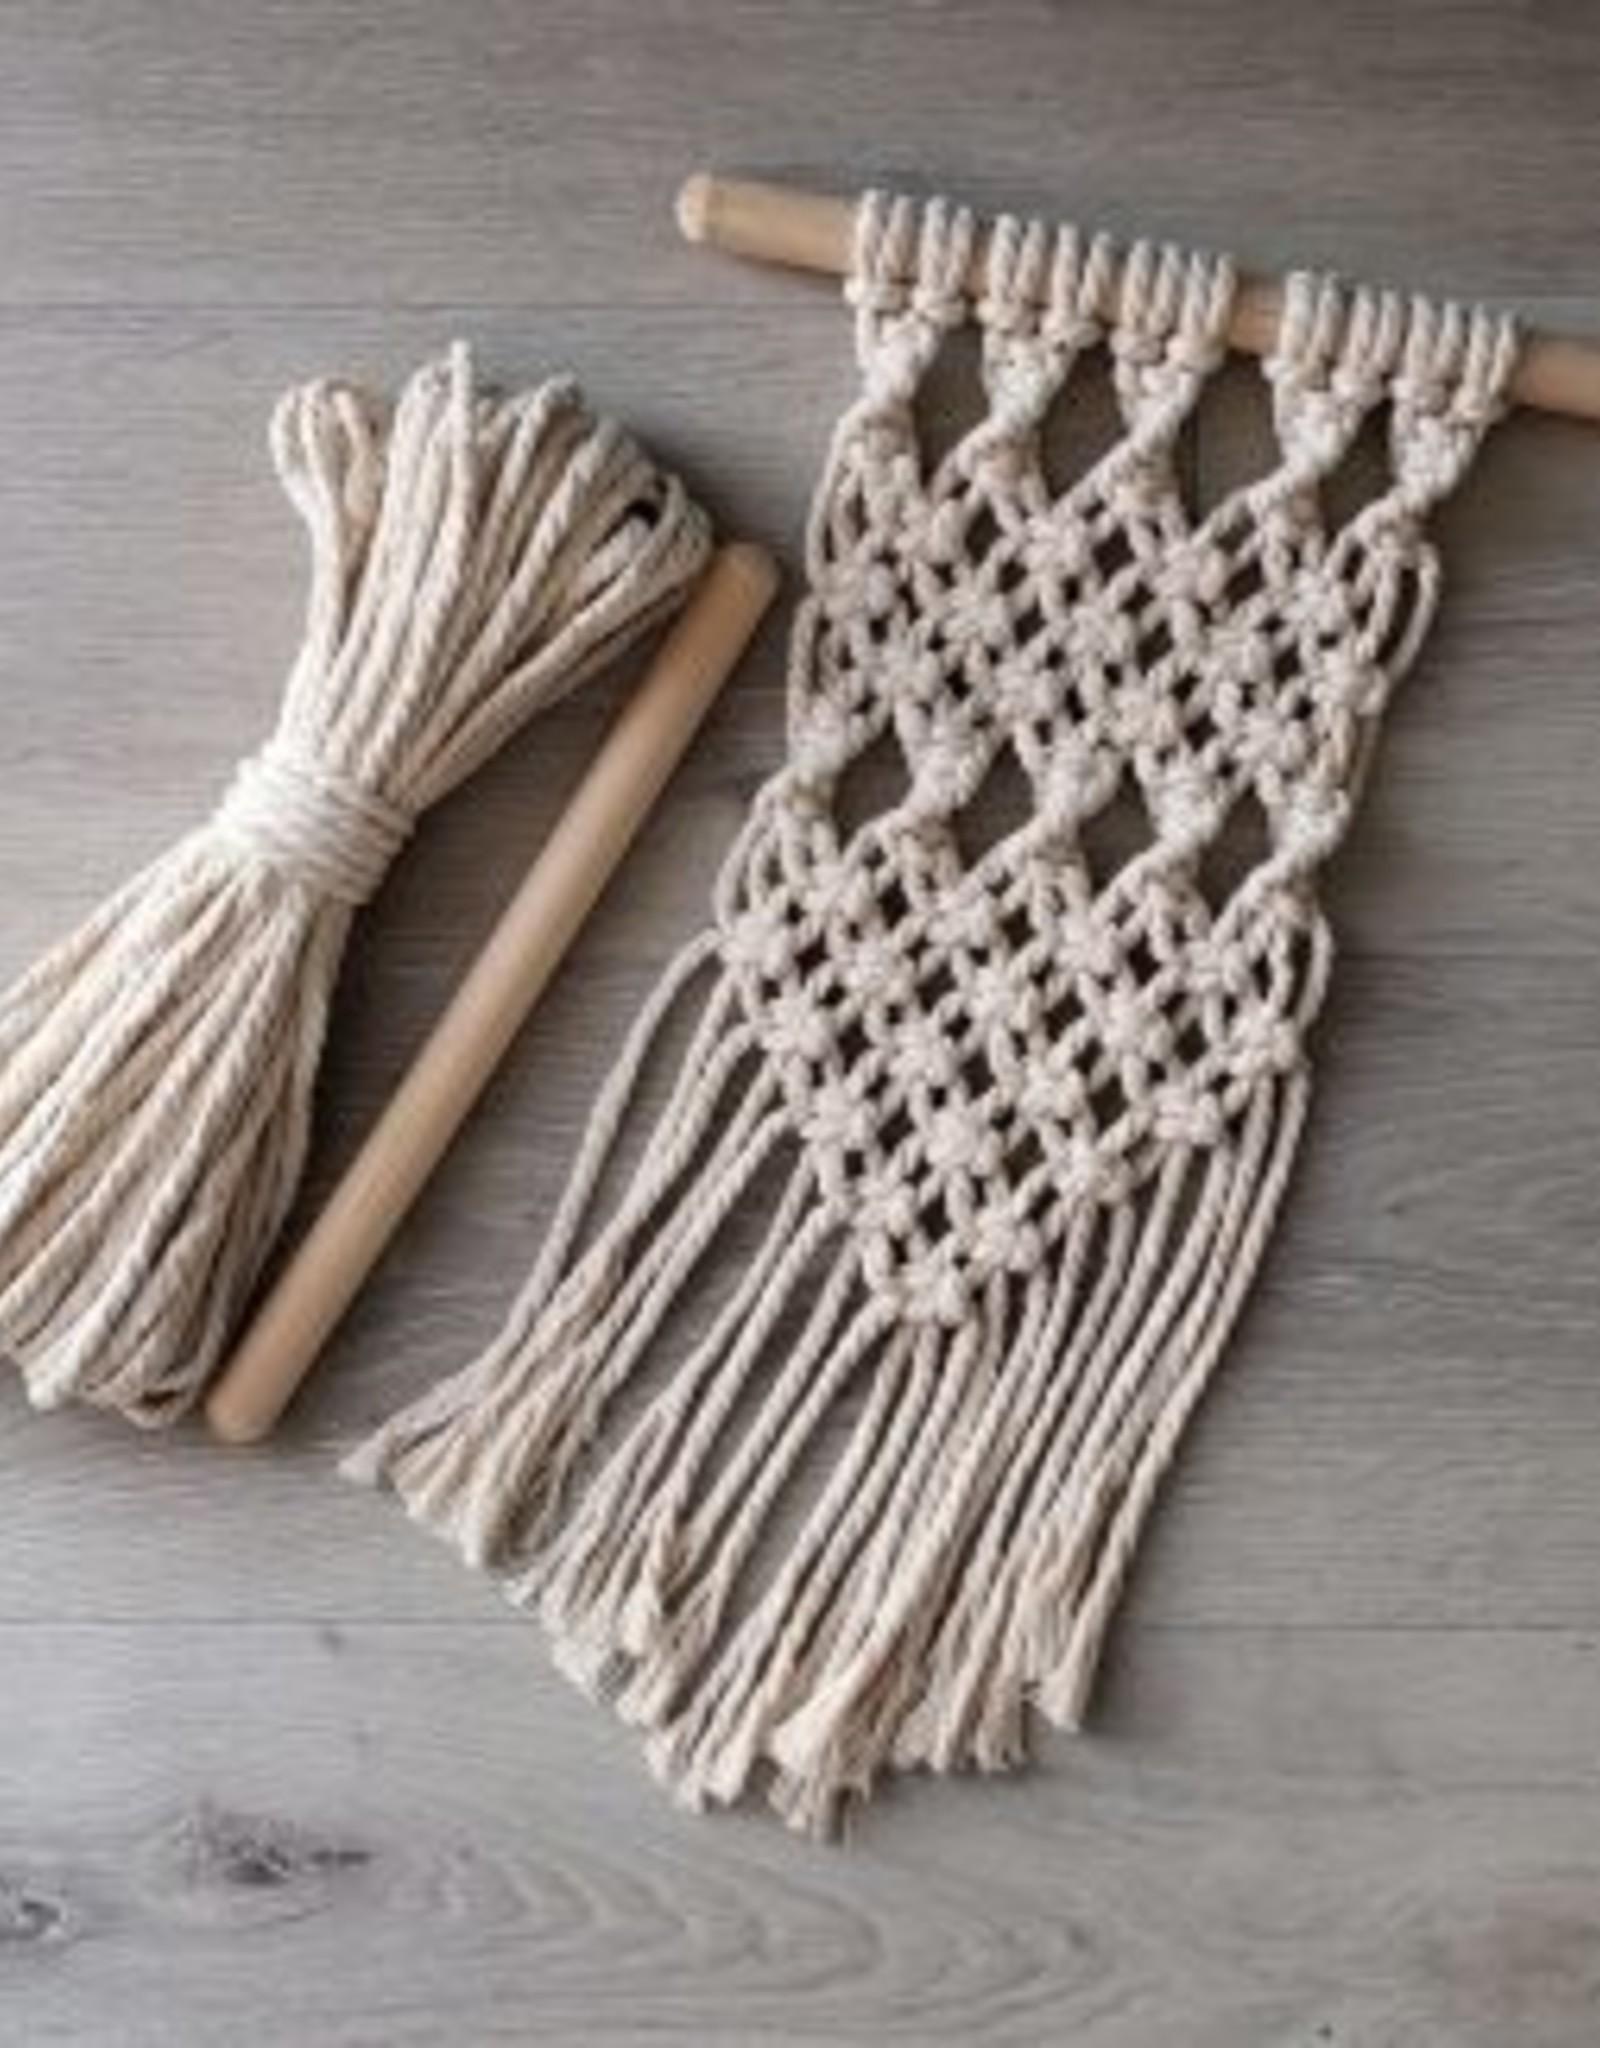 Aster & Vine Wall Hanging Kit - Macrame